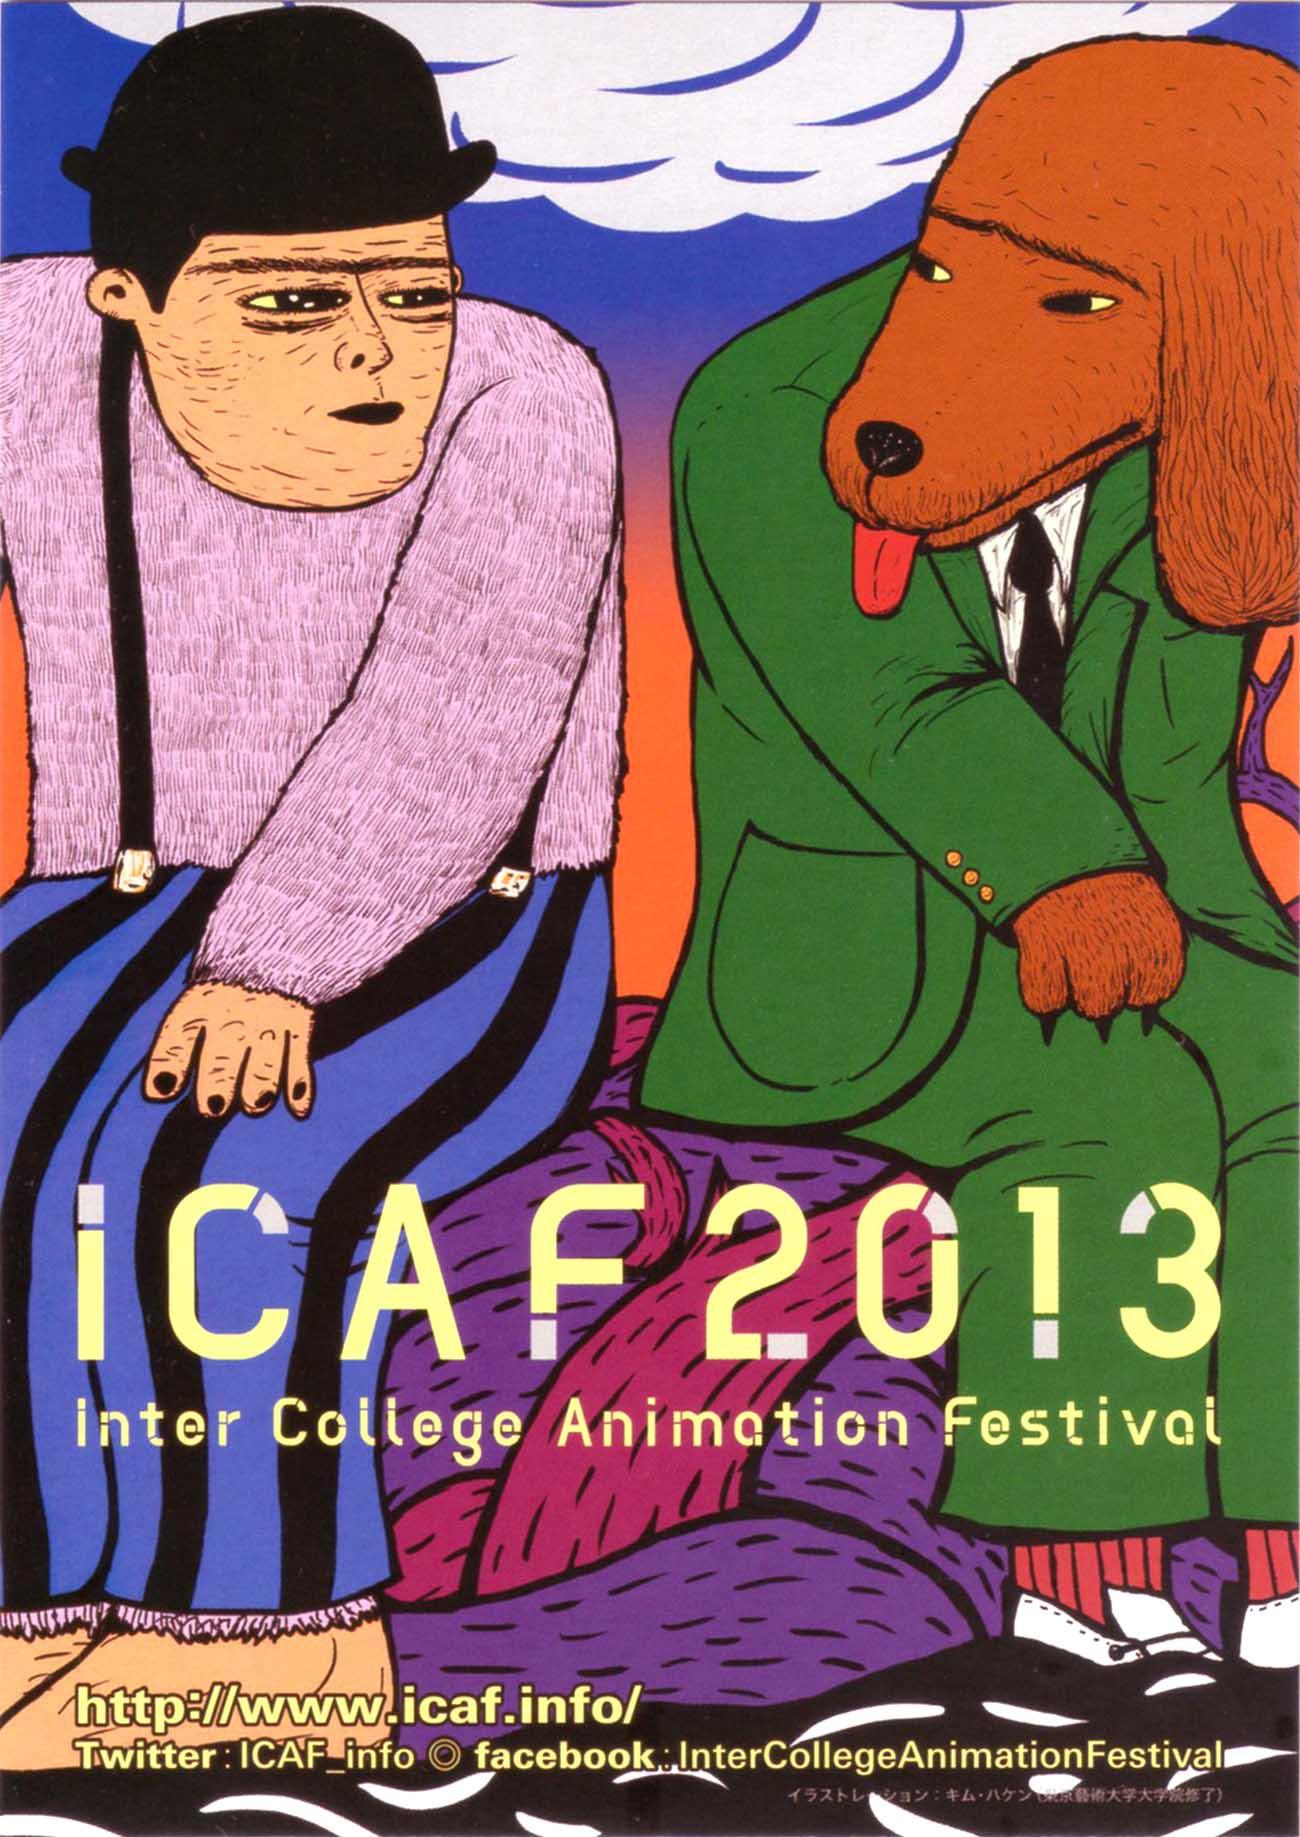 ICAF2013